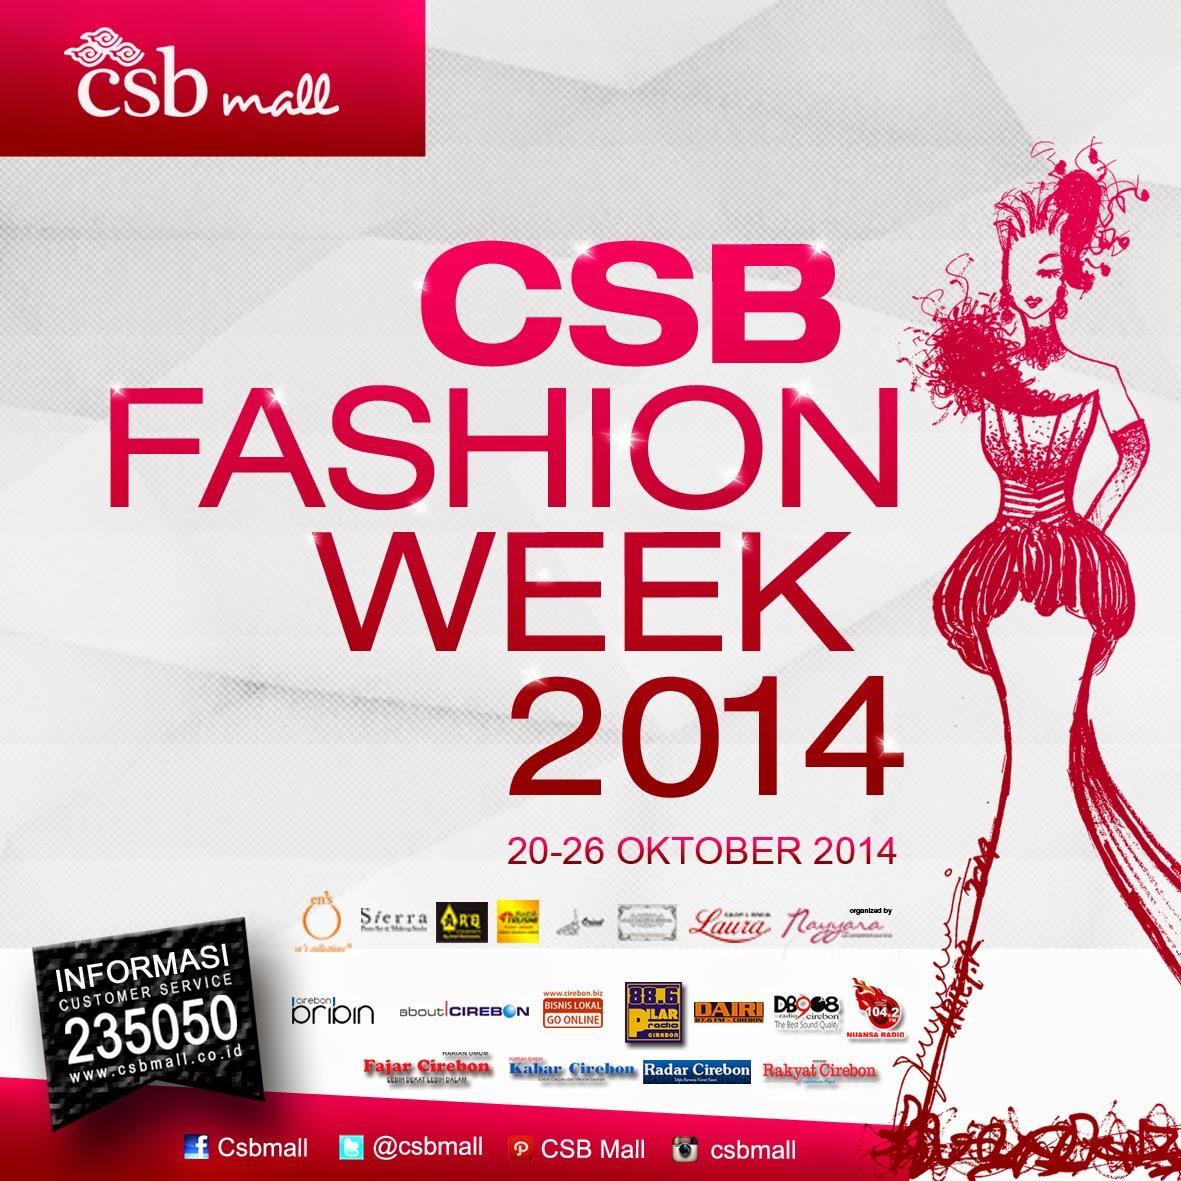 CSB Mall Gelar Fashion Week 2014 untuk Fashionista Cirebon